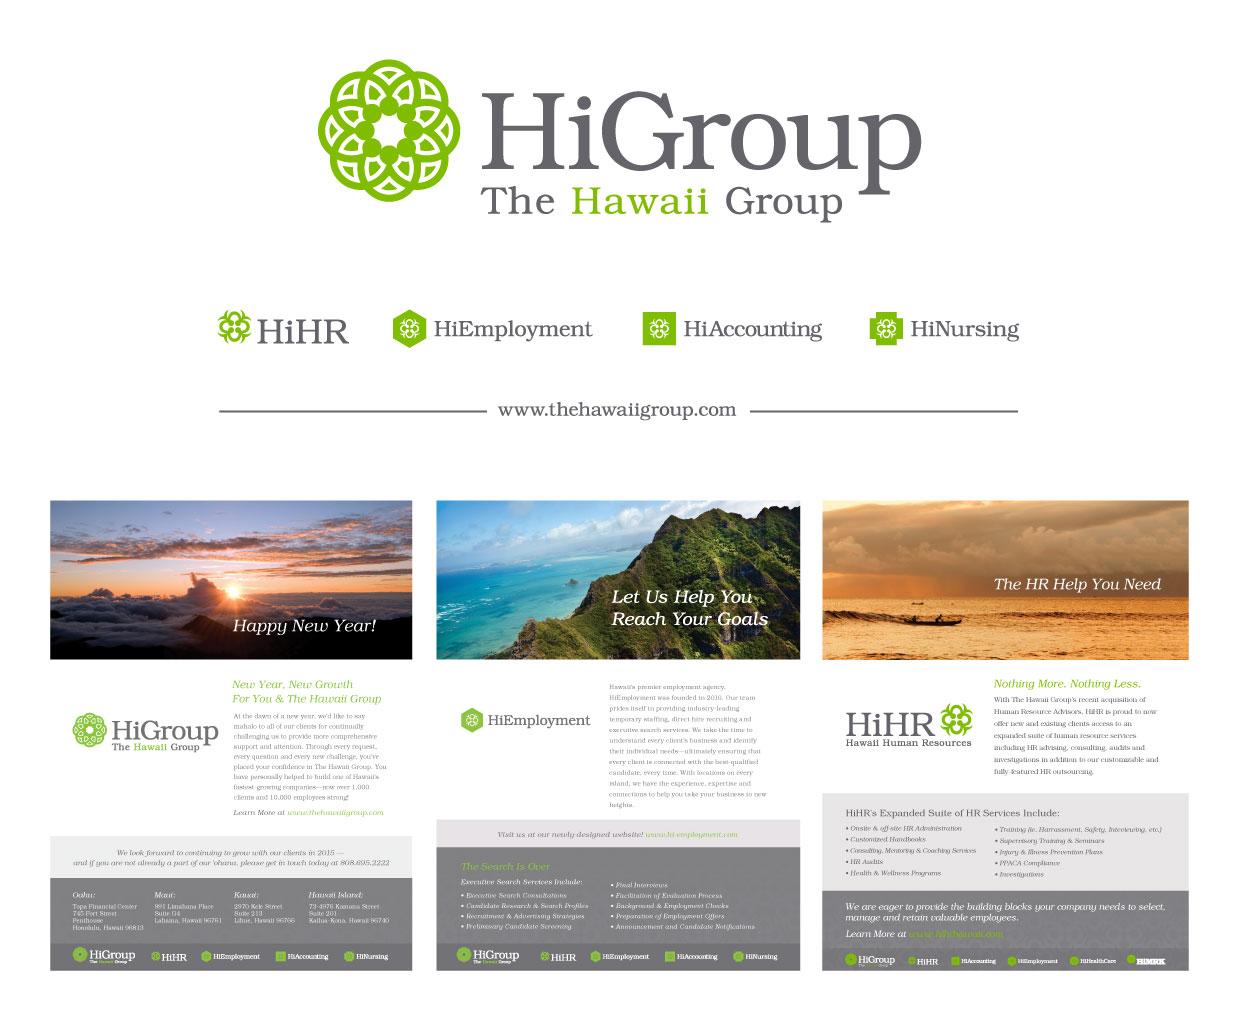 The Hawaii Group